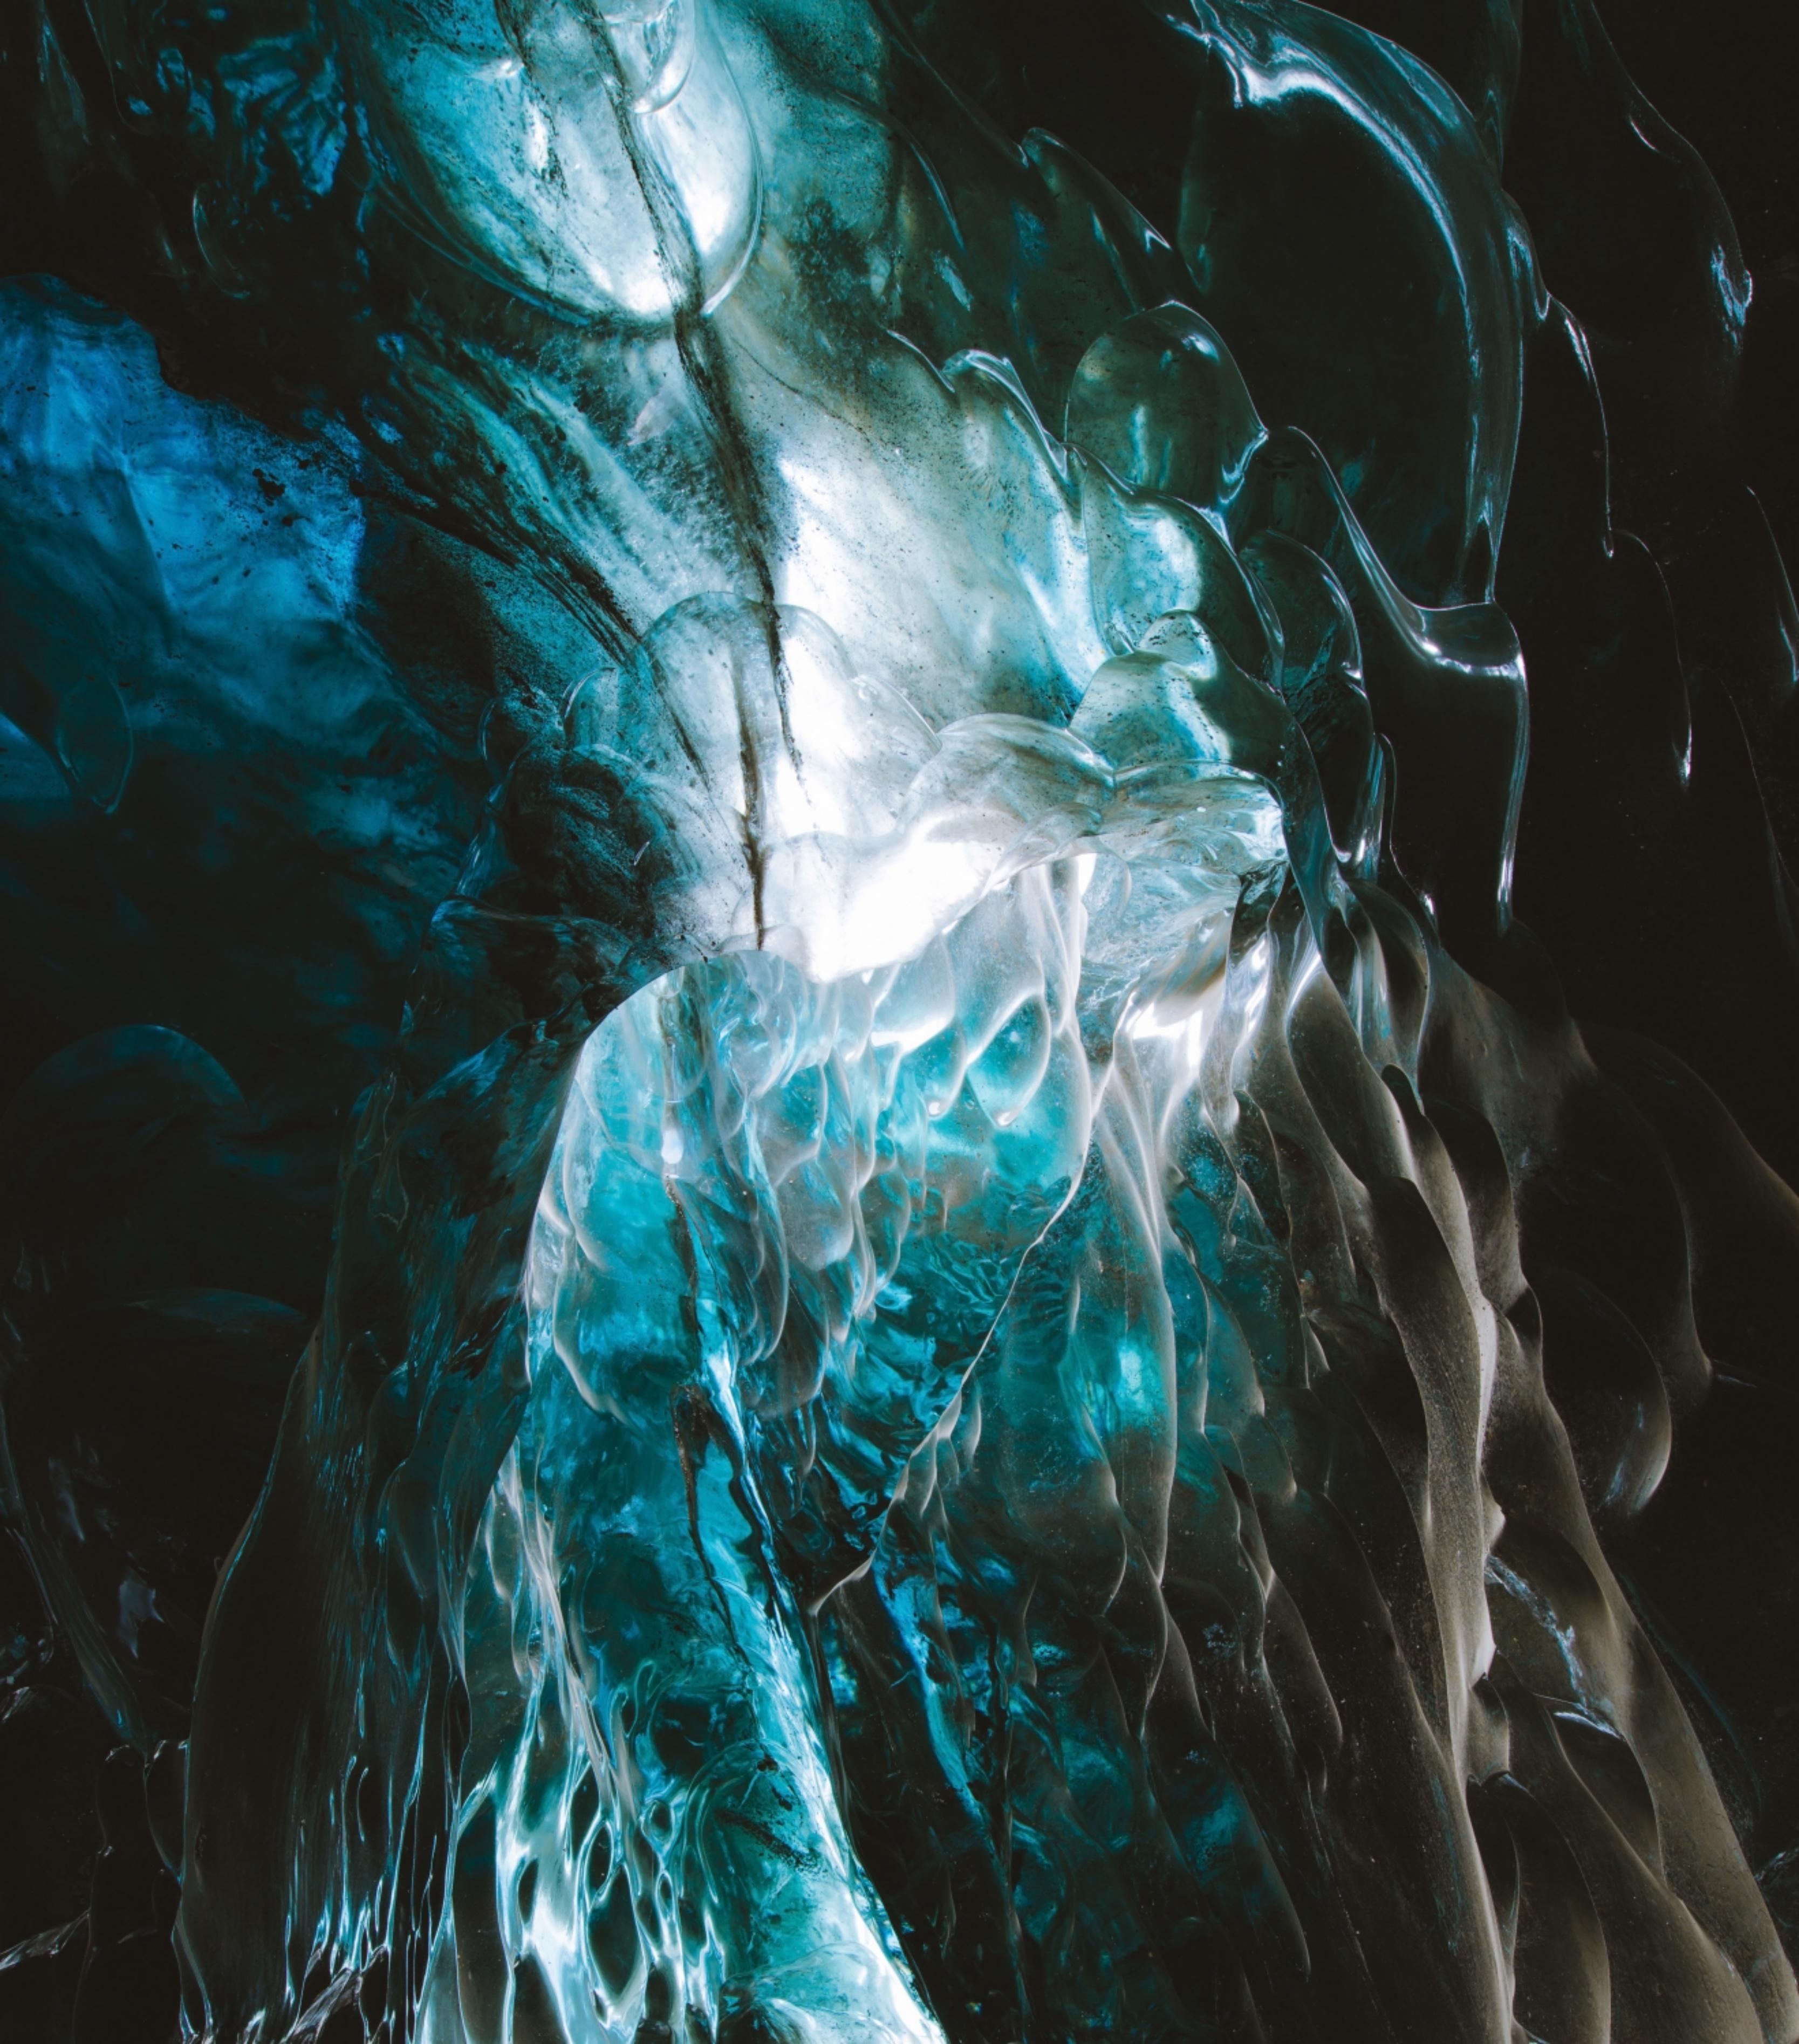 55872 скачать обои Природа, Ледник, Лед, Пещера, Структура - заставки и картинки бесплатно